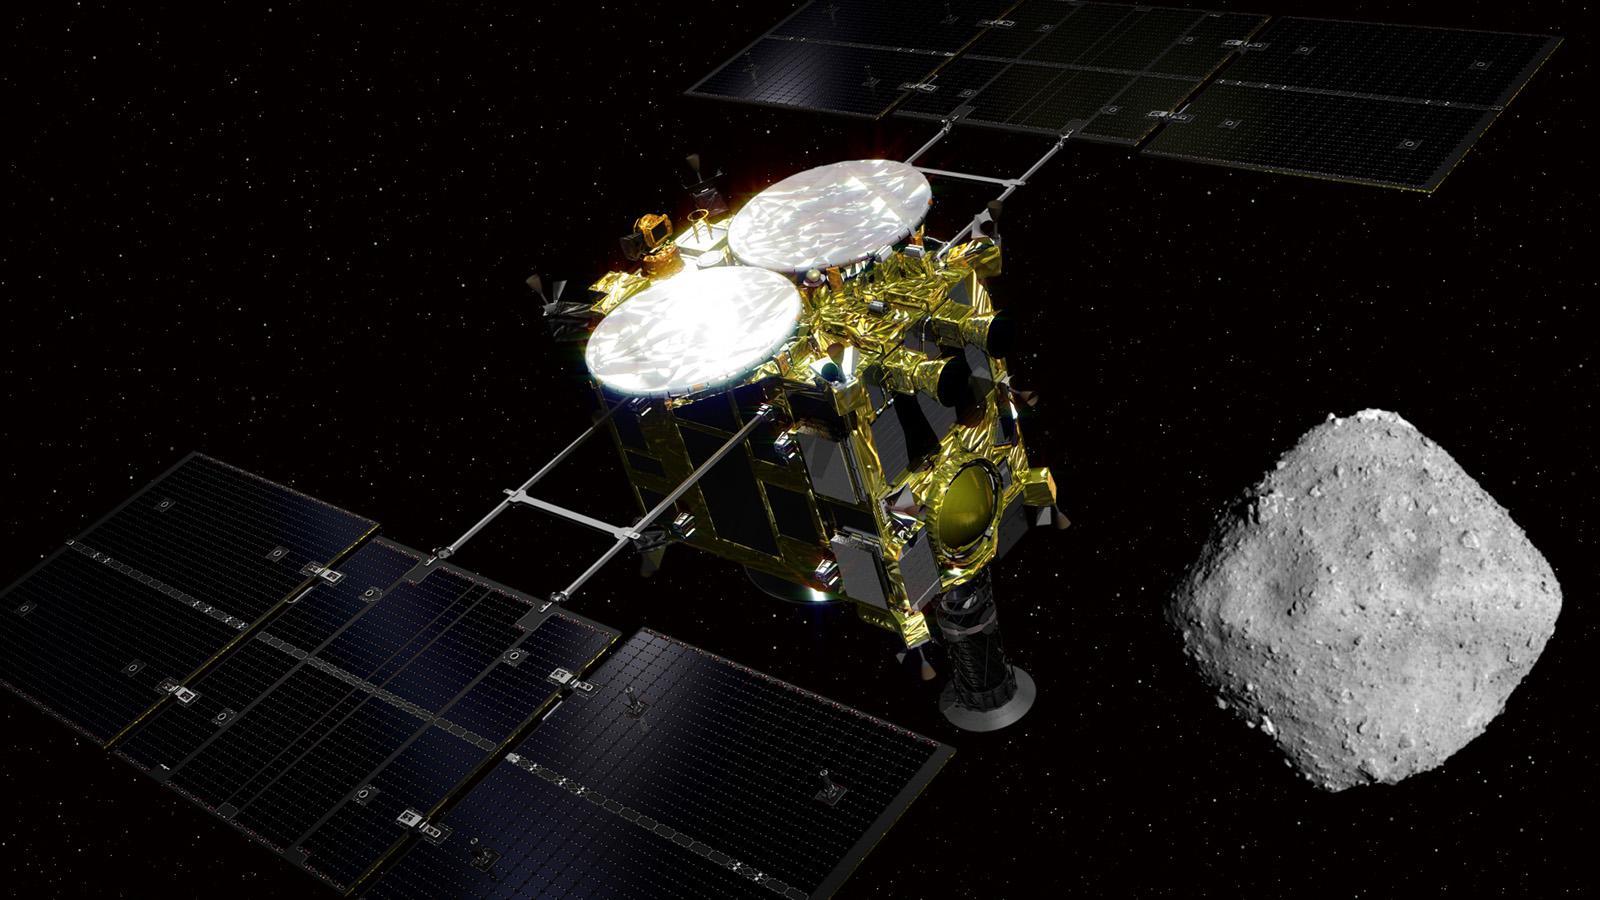 Nell'immagine: una rappresentazione pittorica della sonda Hayabusa 2 (credit: Go Miyazaki / Flickr, licenza: CC BY 2.0) sovrapposta a una panoramica di Ryugu, catturata lo scorso giugno (credit: JAXA, University of Tokyo and collaborators), in cui sono già ben visibili molte caratteristiche superficiali (crateri, grossi macigni, ecc.) dell'asteroide. L'insolita forma e la rapida rotazione del corpo celeste, completata in 7 ore e 38 minuti, lo rendono ancora più interessante per i planetologi.